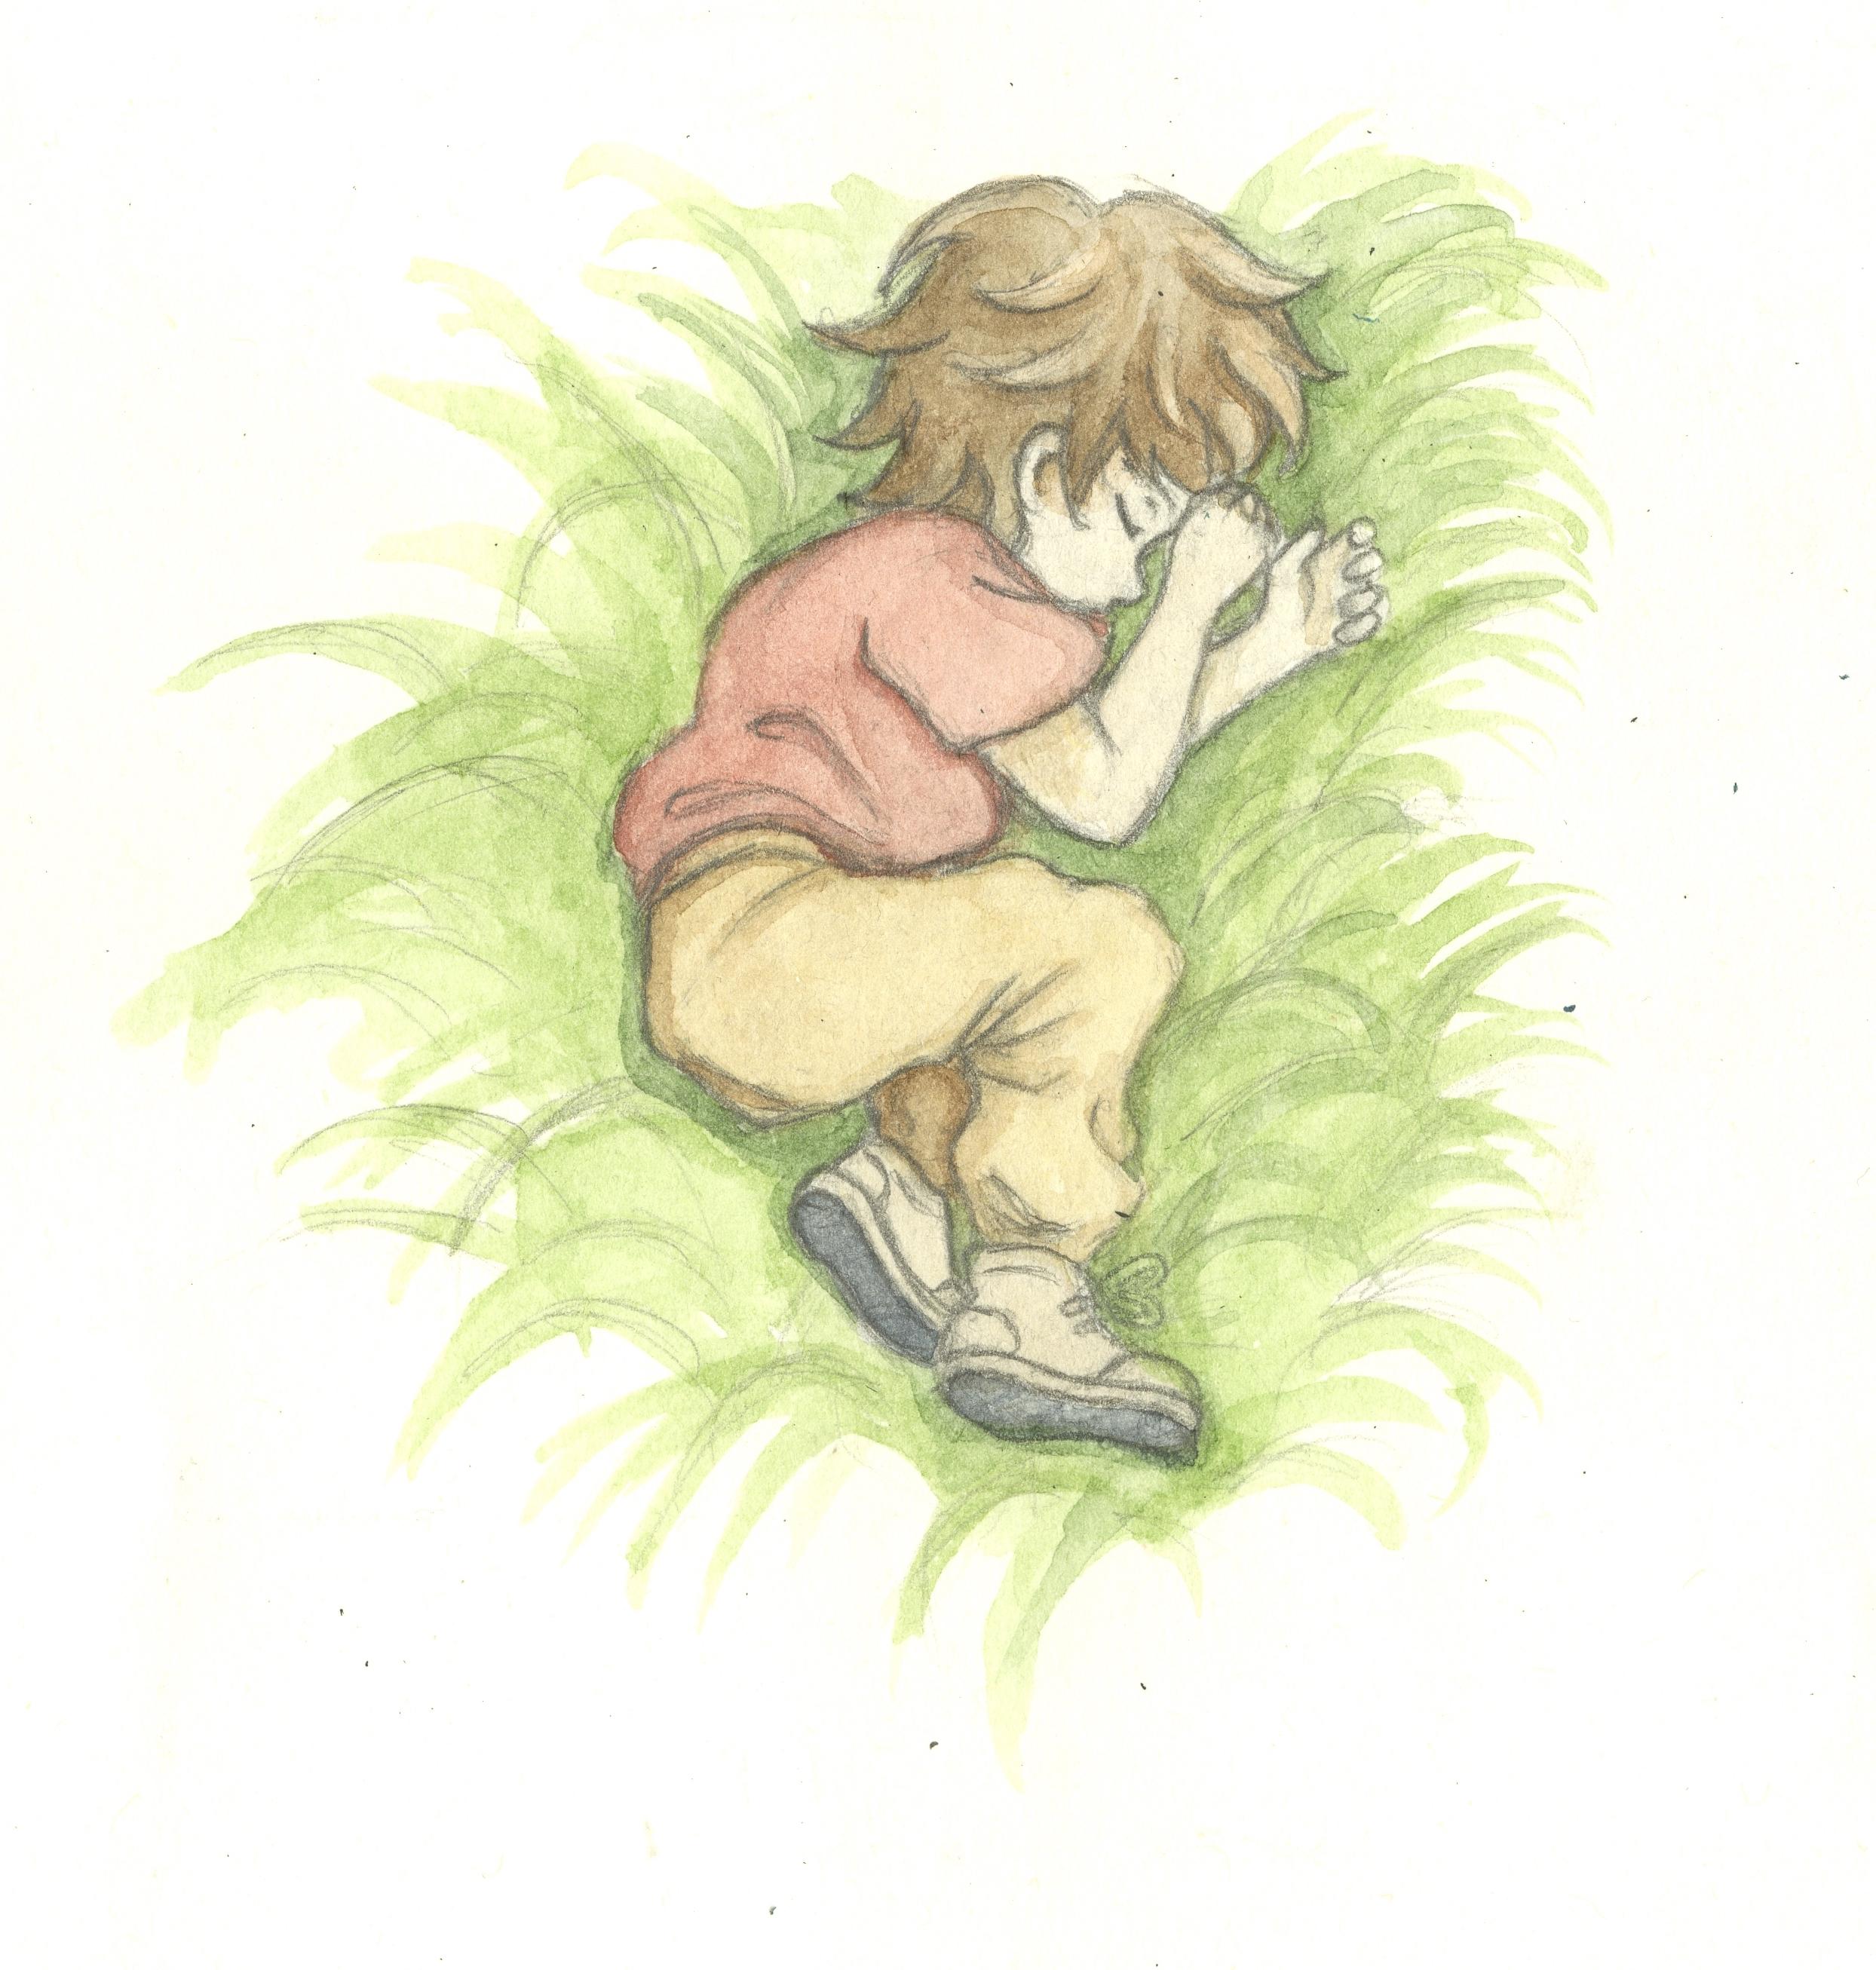 Ryuu Sleeping